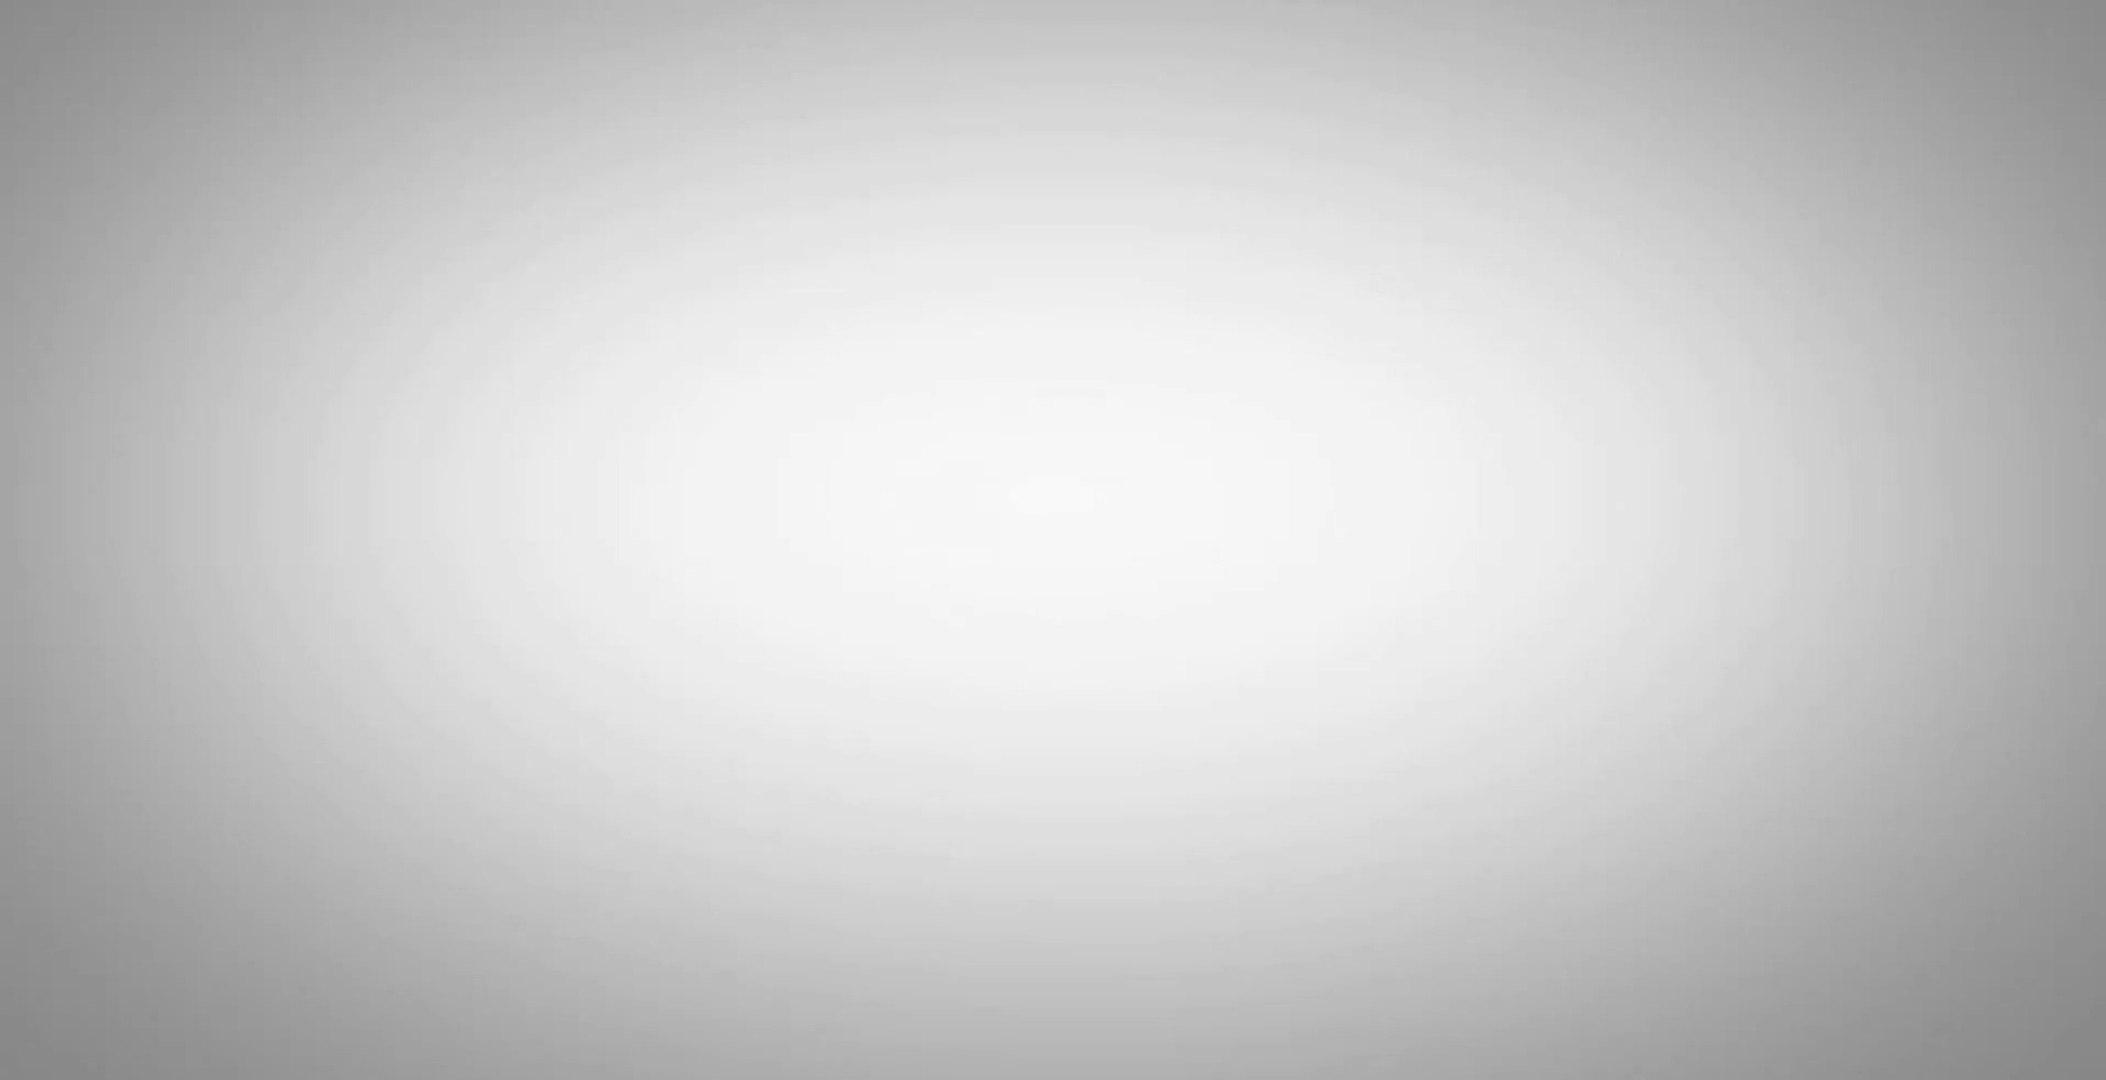 KHAANI - Full OST (Official Video) | Flixaap